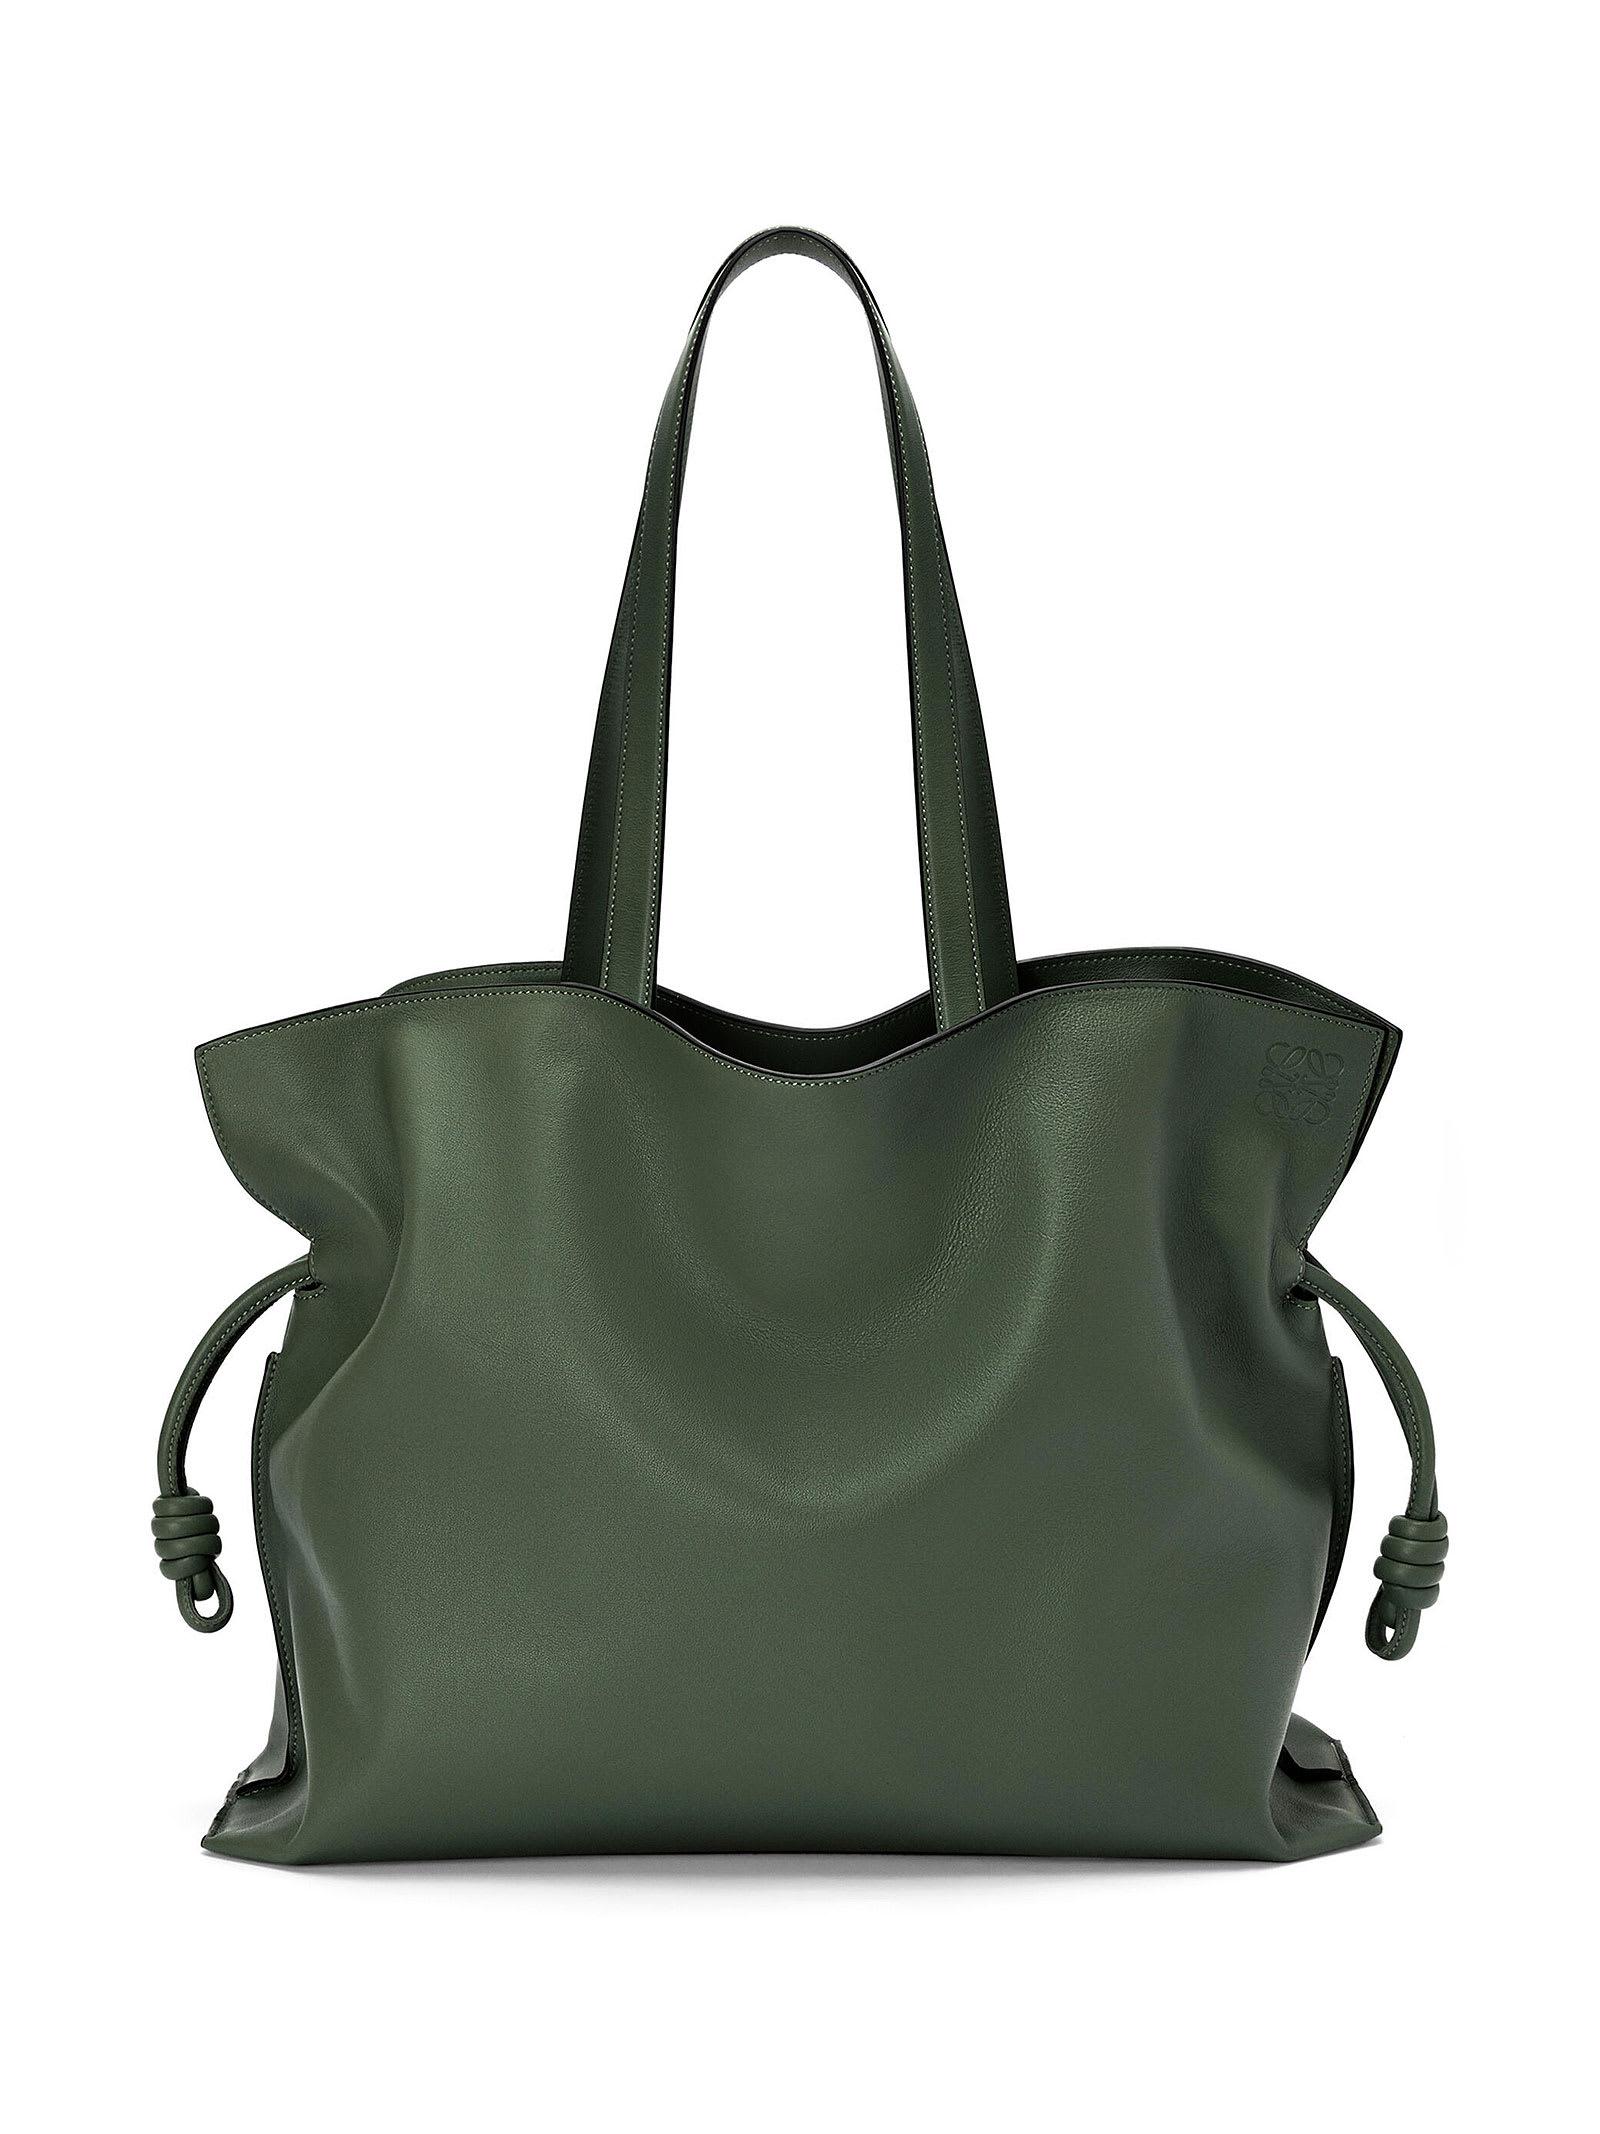 Loewe Loewe Xl Flamenco Bag